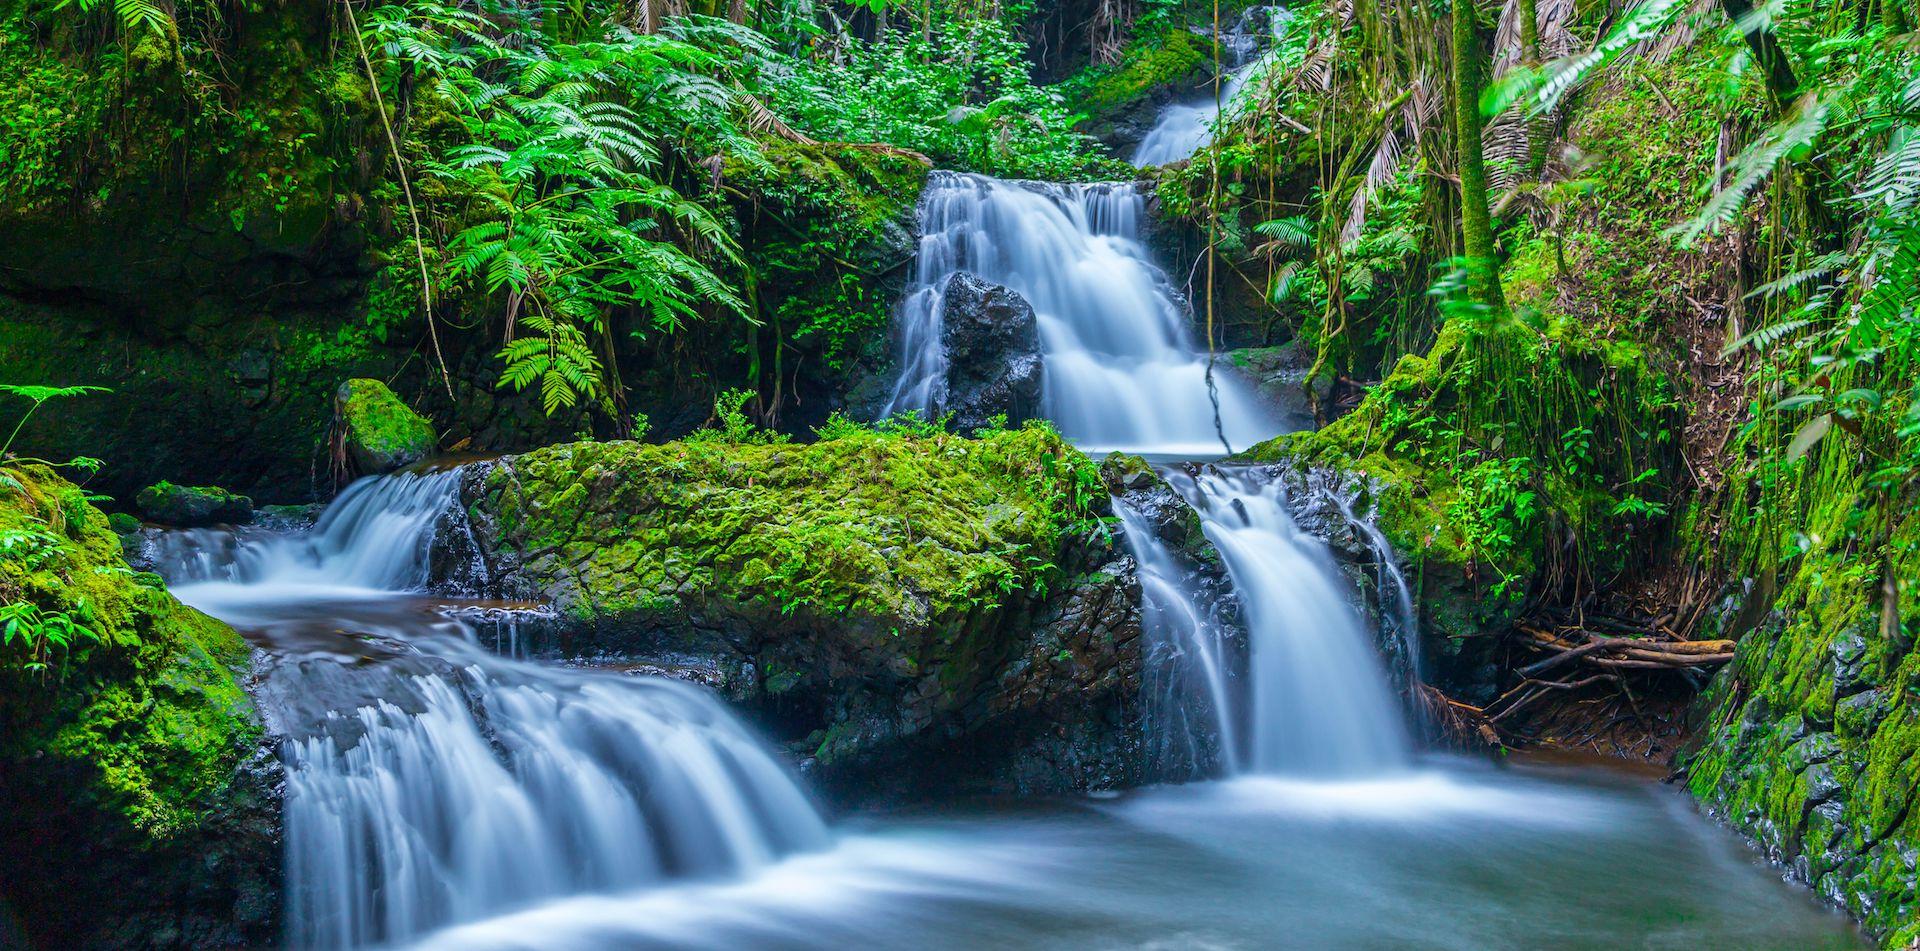 Hawaii Big Island Waterfalls